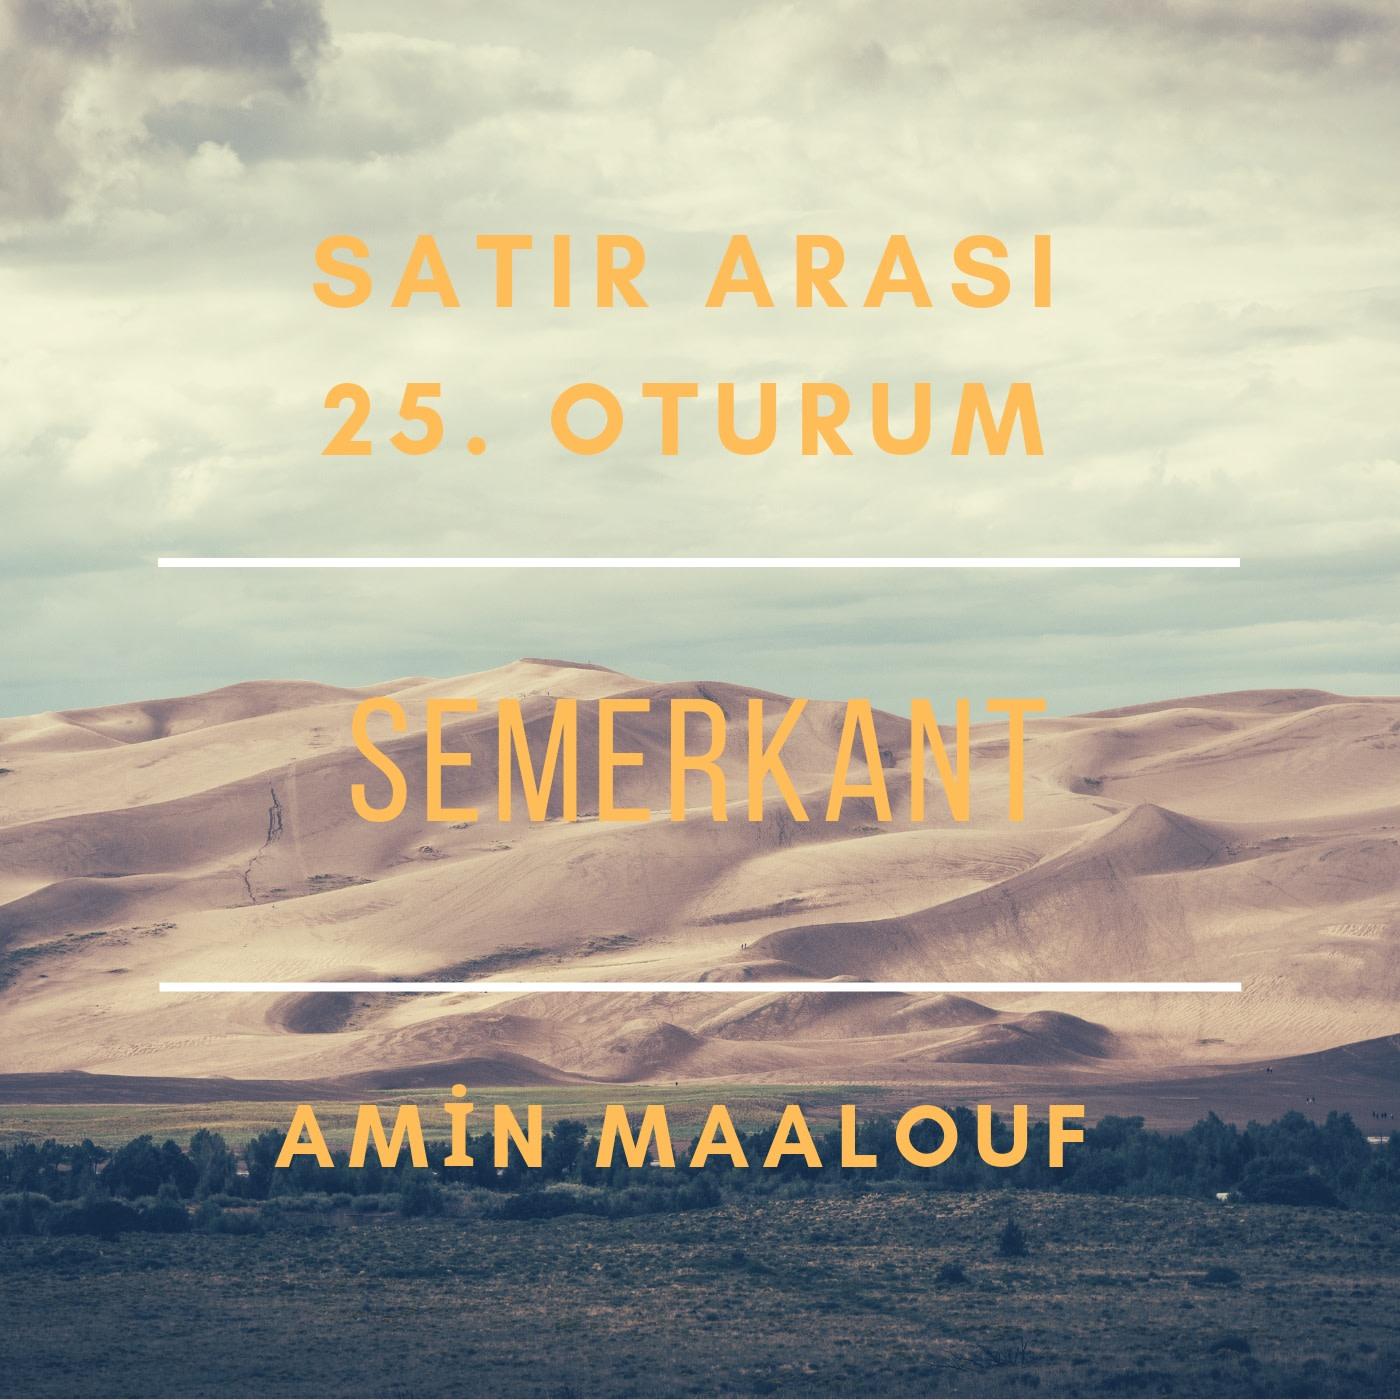 #25 Semerkant - Amin Maalouf